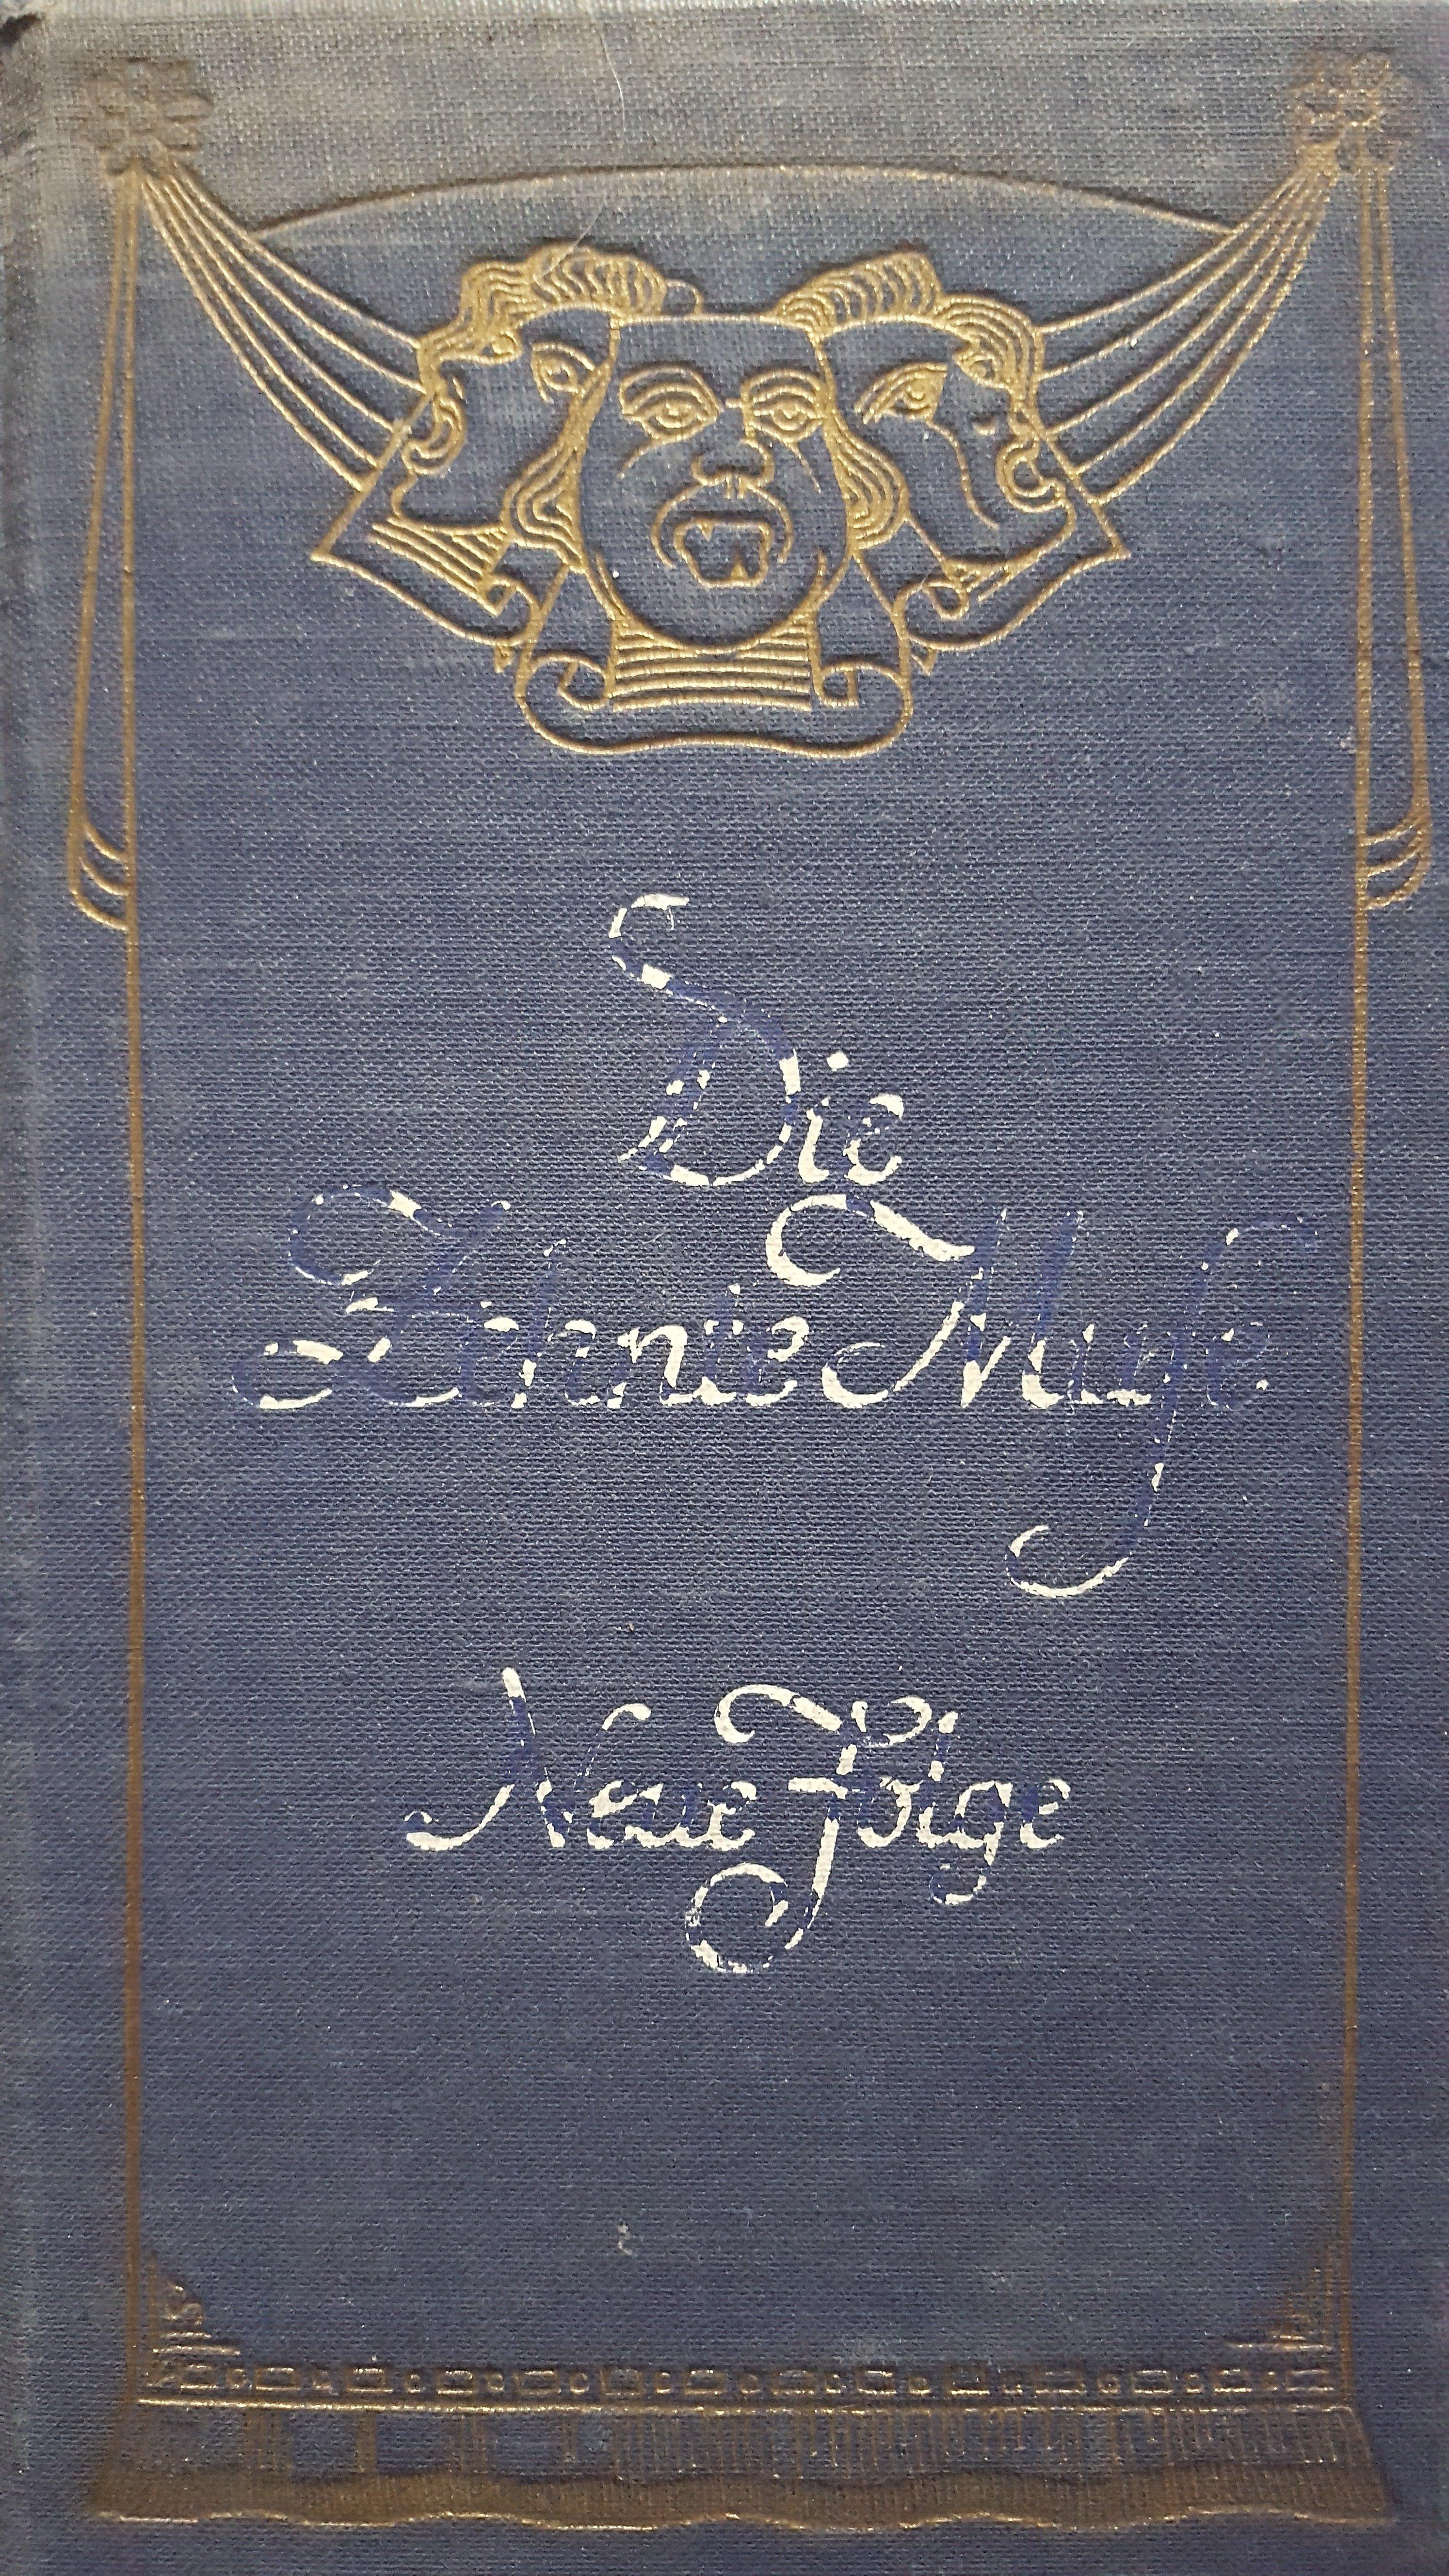 Die Zehnte Muse - Neue Folge   1925  Dichtungen vom Brettl und fürs Brettl aus vergangenen Jahrhunderten und aus unseren Tagen Begründet von Maximilian Bern 101